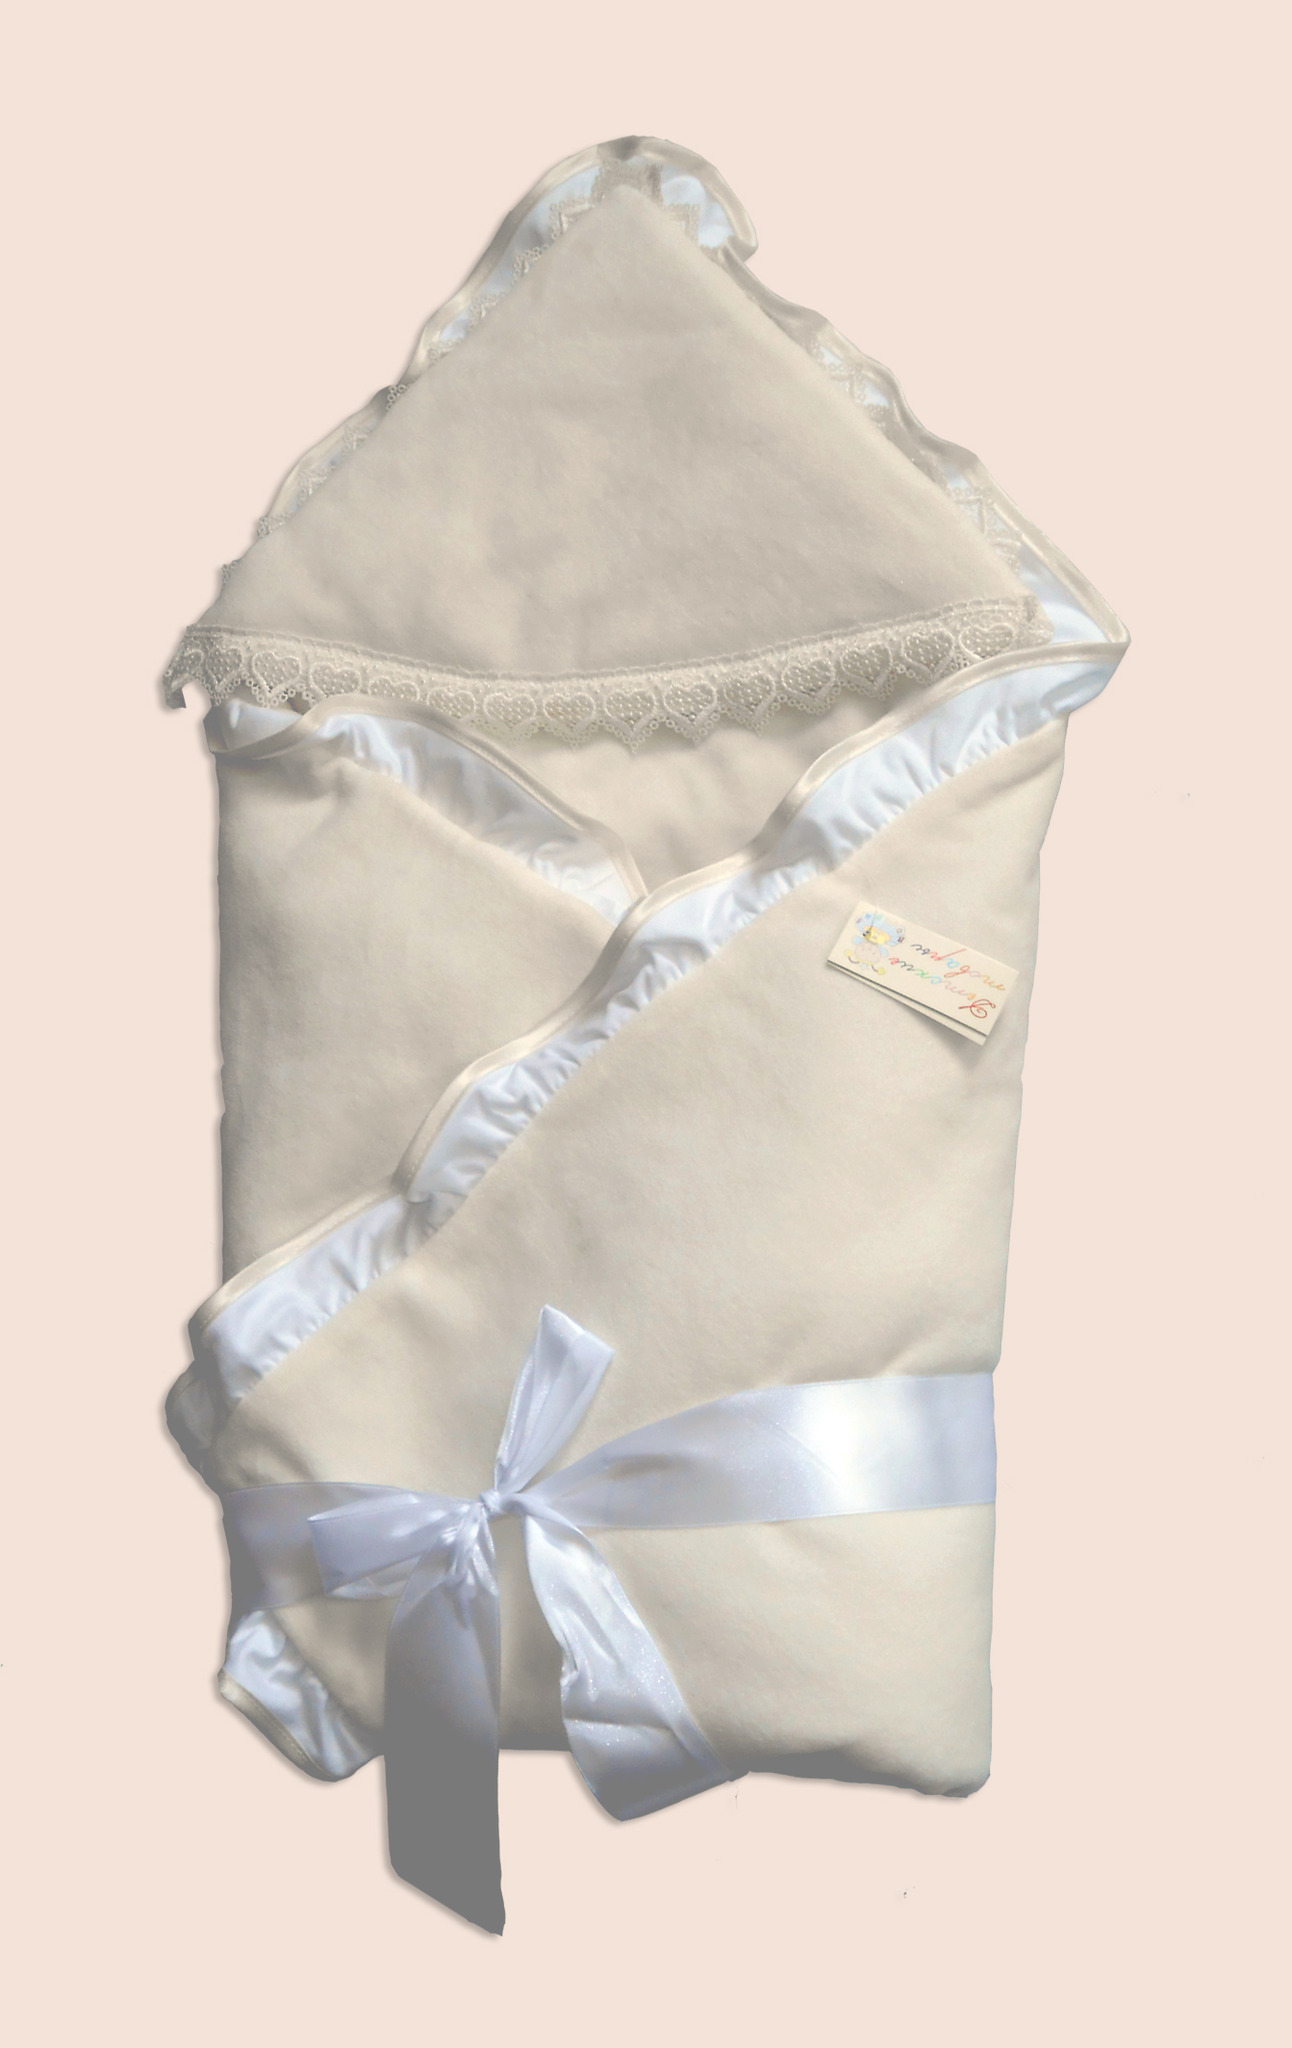 Одеяло на выписку – Малютка, велюр, бежевыйКомплекты на выписку<br>Одеяло на выписку – Малютка, велюр, бежевый<br>